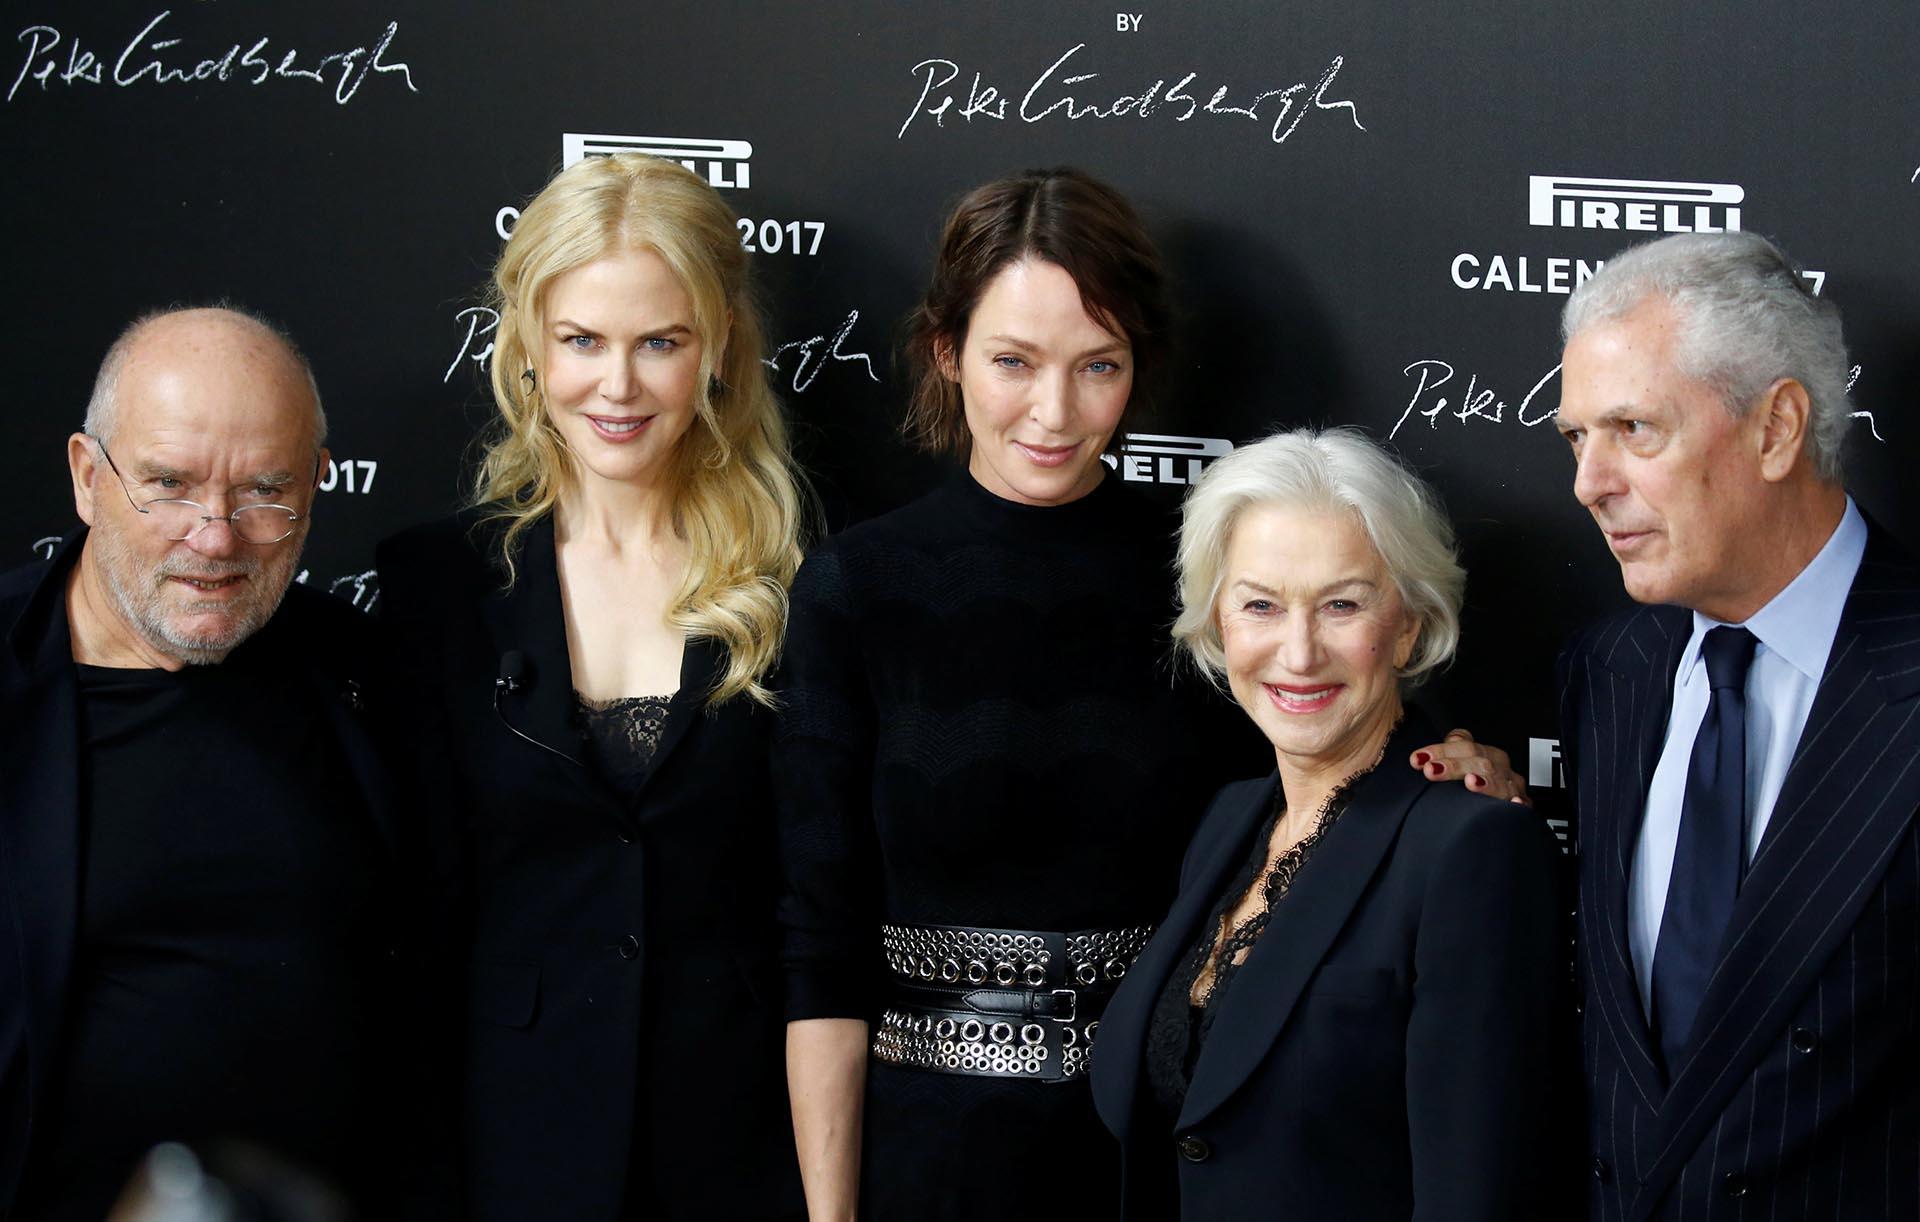 Peter Lindbergh junto a las actrices Nicole Kidman, Uma Thurman y Helen Mirren, y el CEO de Pirelli Group, Marco Tronchetti Provera, en la entrada a la gran cena de gala /// Fotos: Reuters / Pirelli